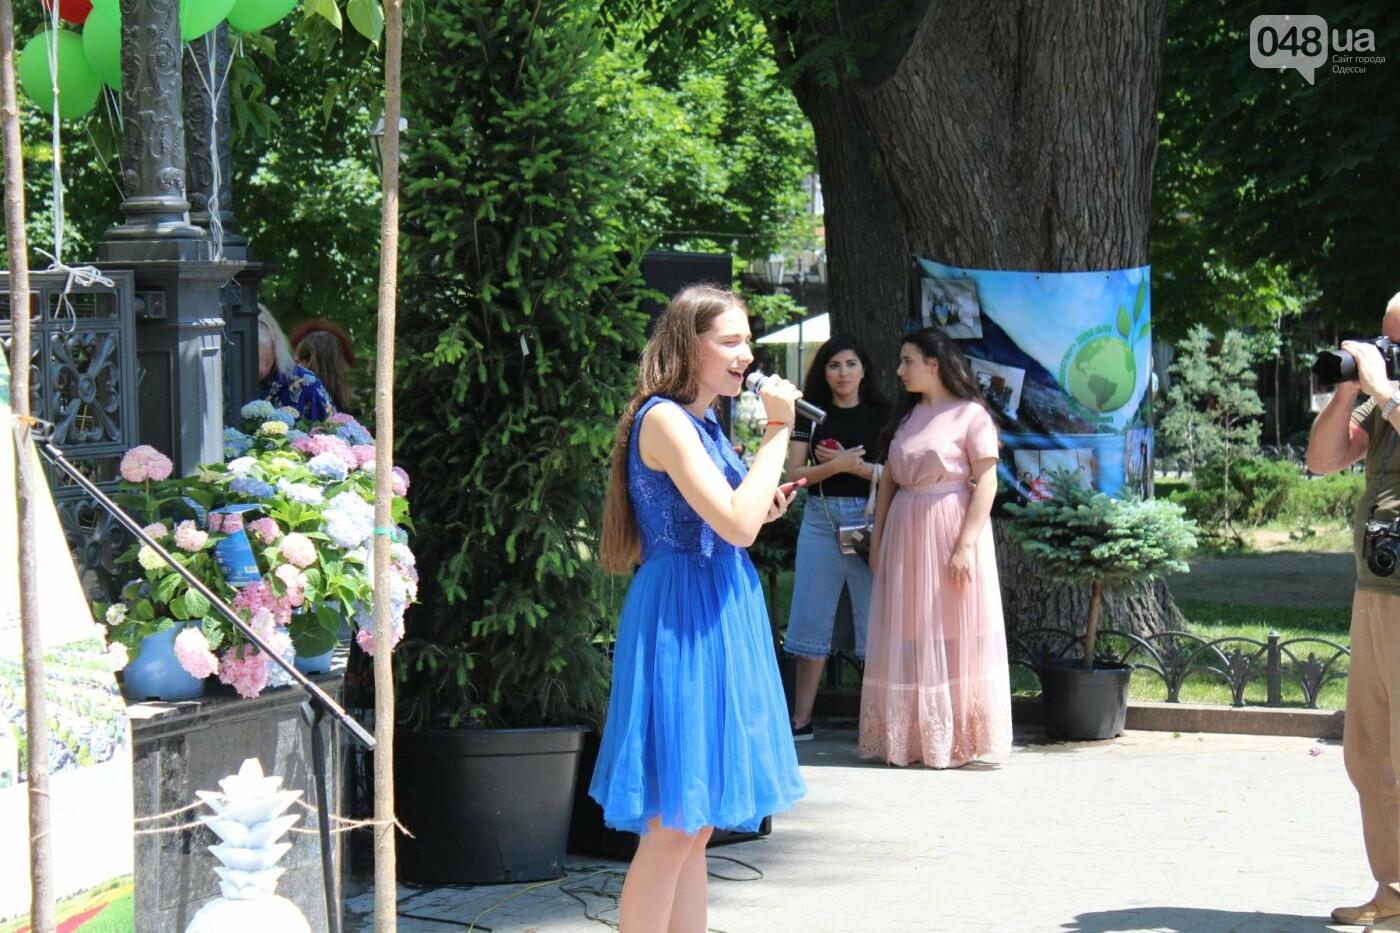 Топ проблем одесских парков по мнению одесситов и гостей города, фото-4